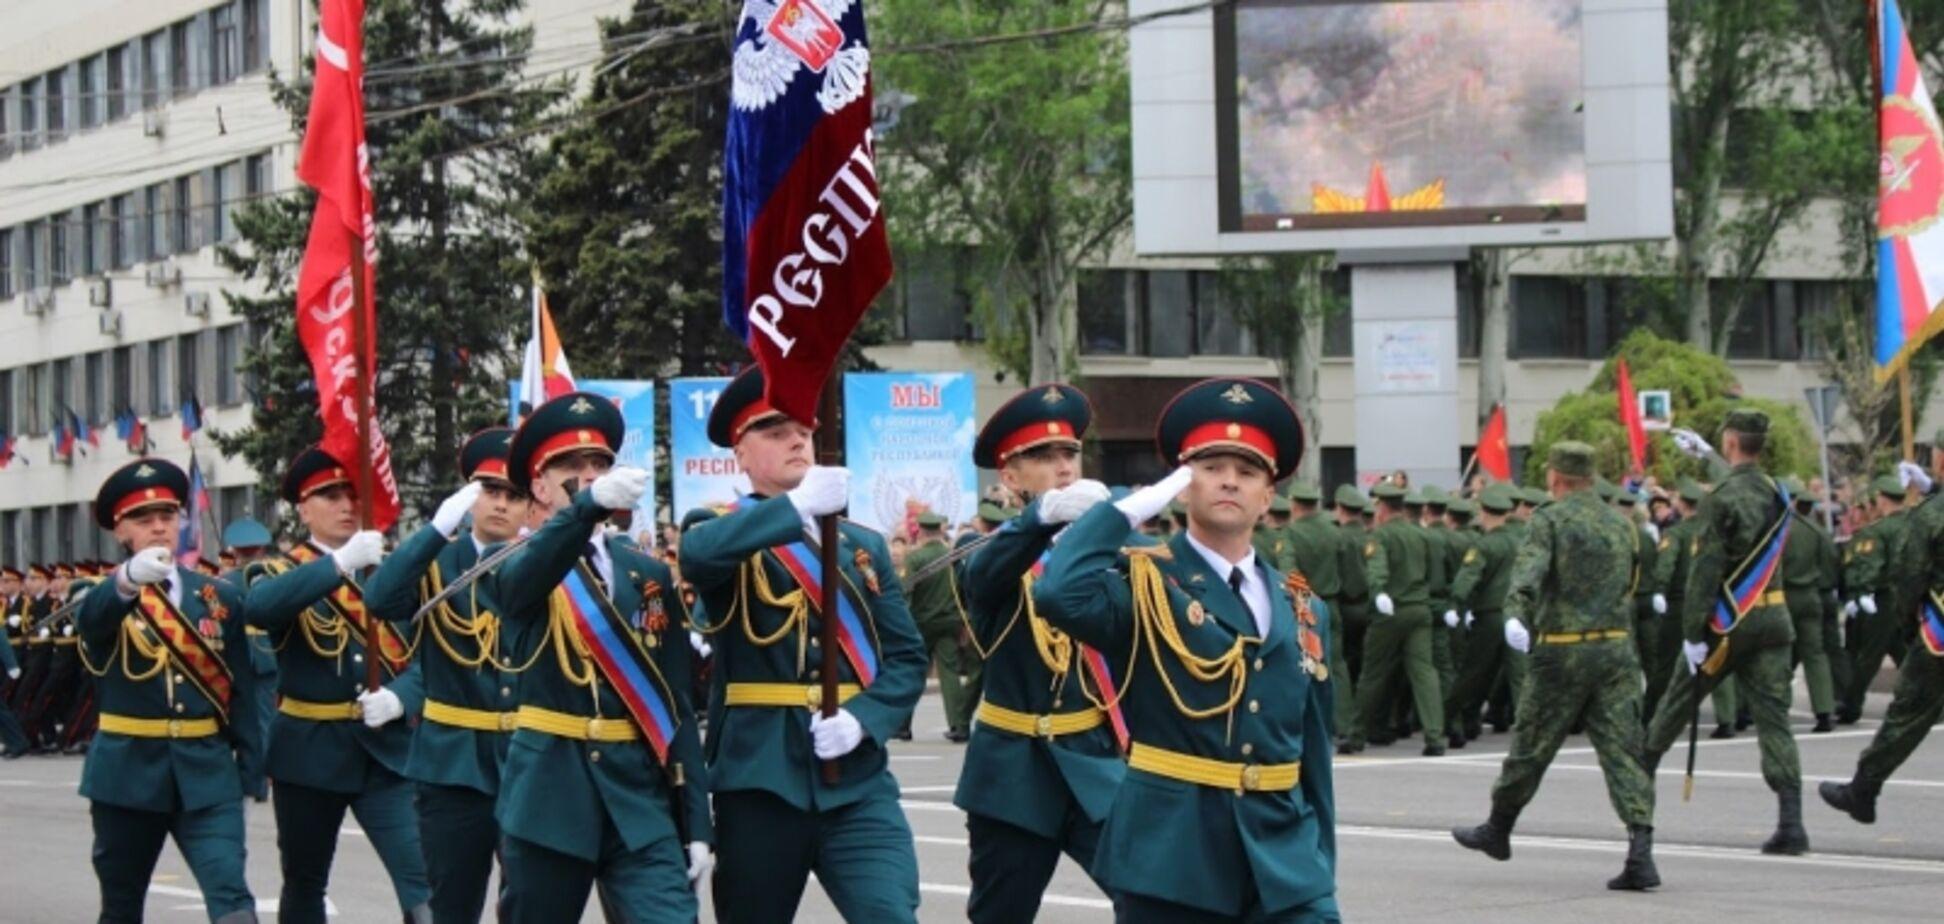 Скандал з показом параду 'ДНР': у Раді запропонували рішення